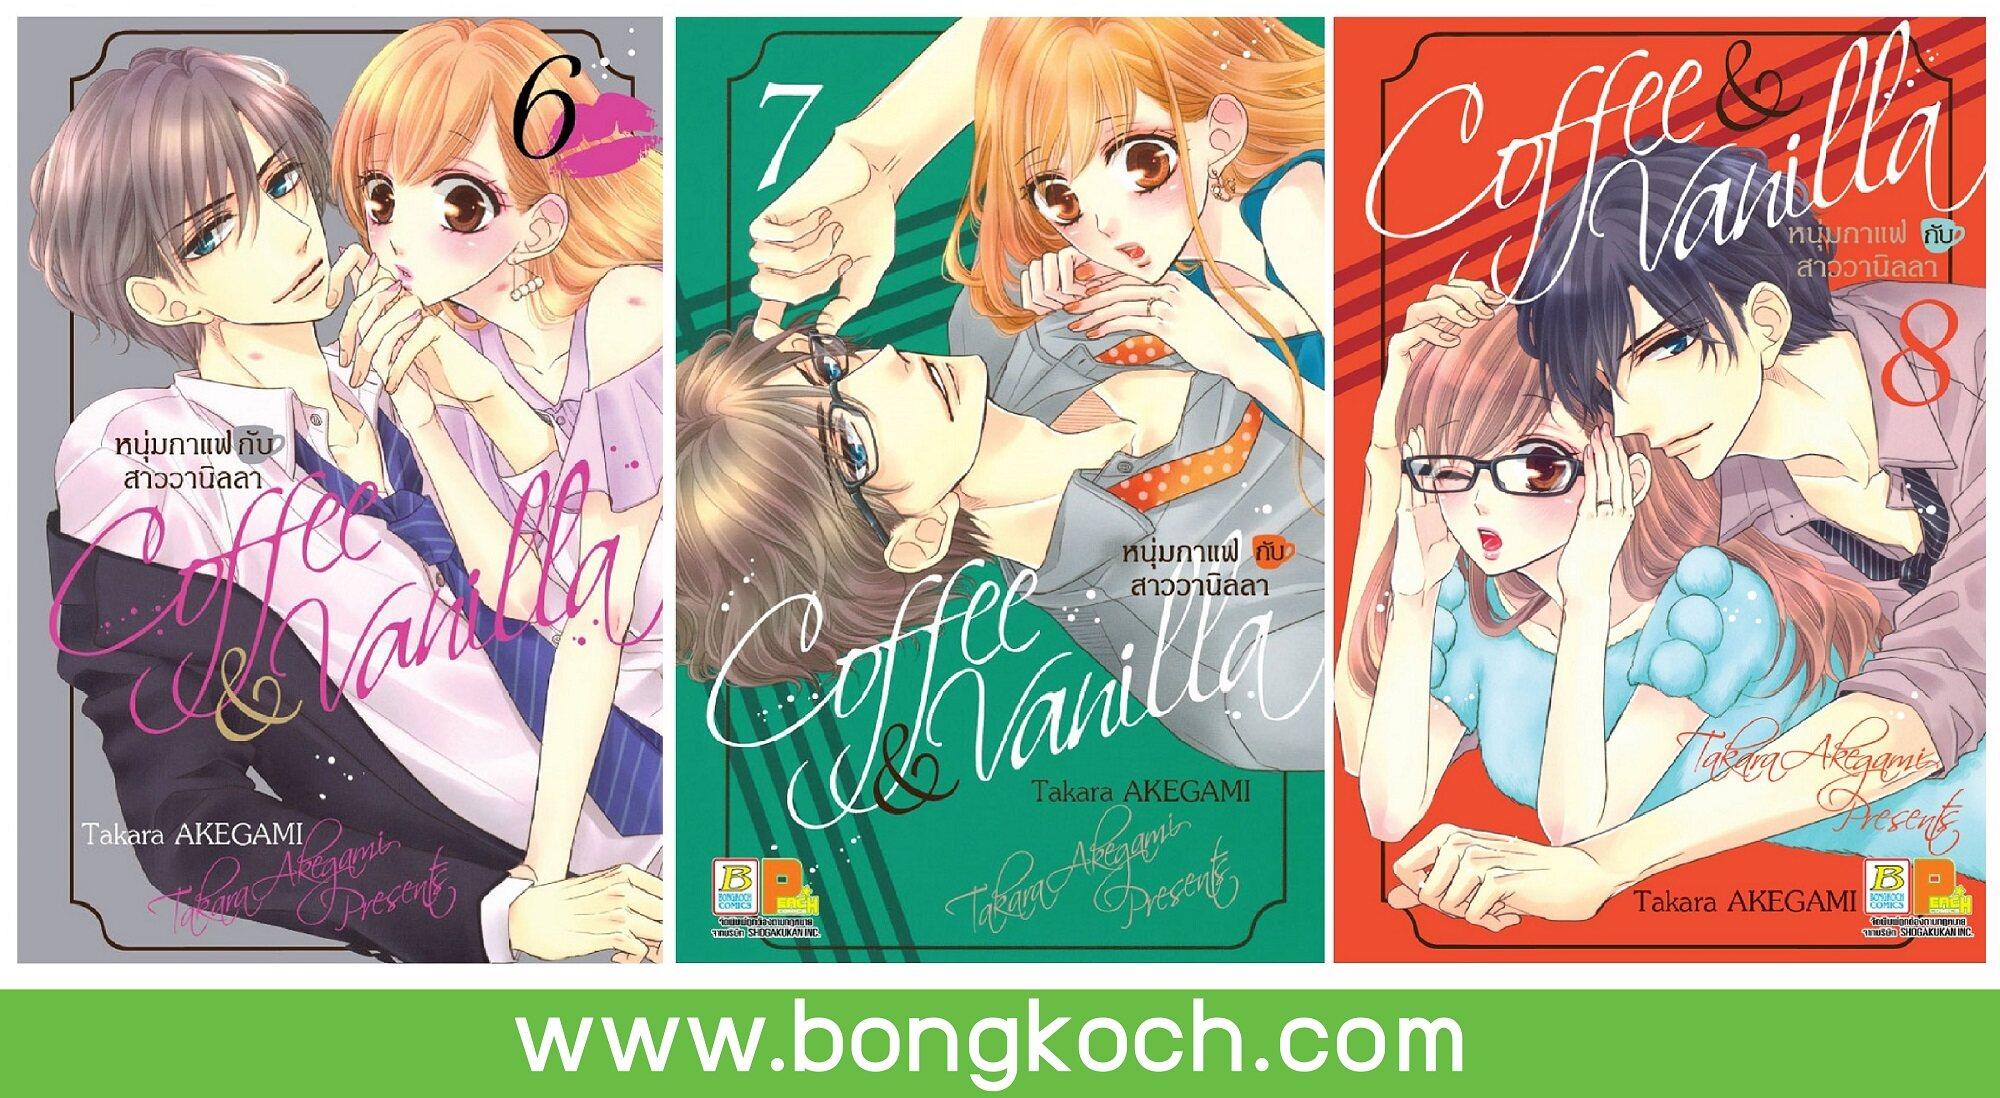 ชื่อหนังสือ Coffee & Vanilla หนุ่มกาแฟกับสาววานิลลา เล่ม 6-8 *มีเล่มต่อ ประเภท การ์ตูน ญี่ปุ่น บงกช Bongkoch.